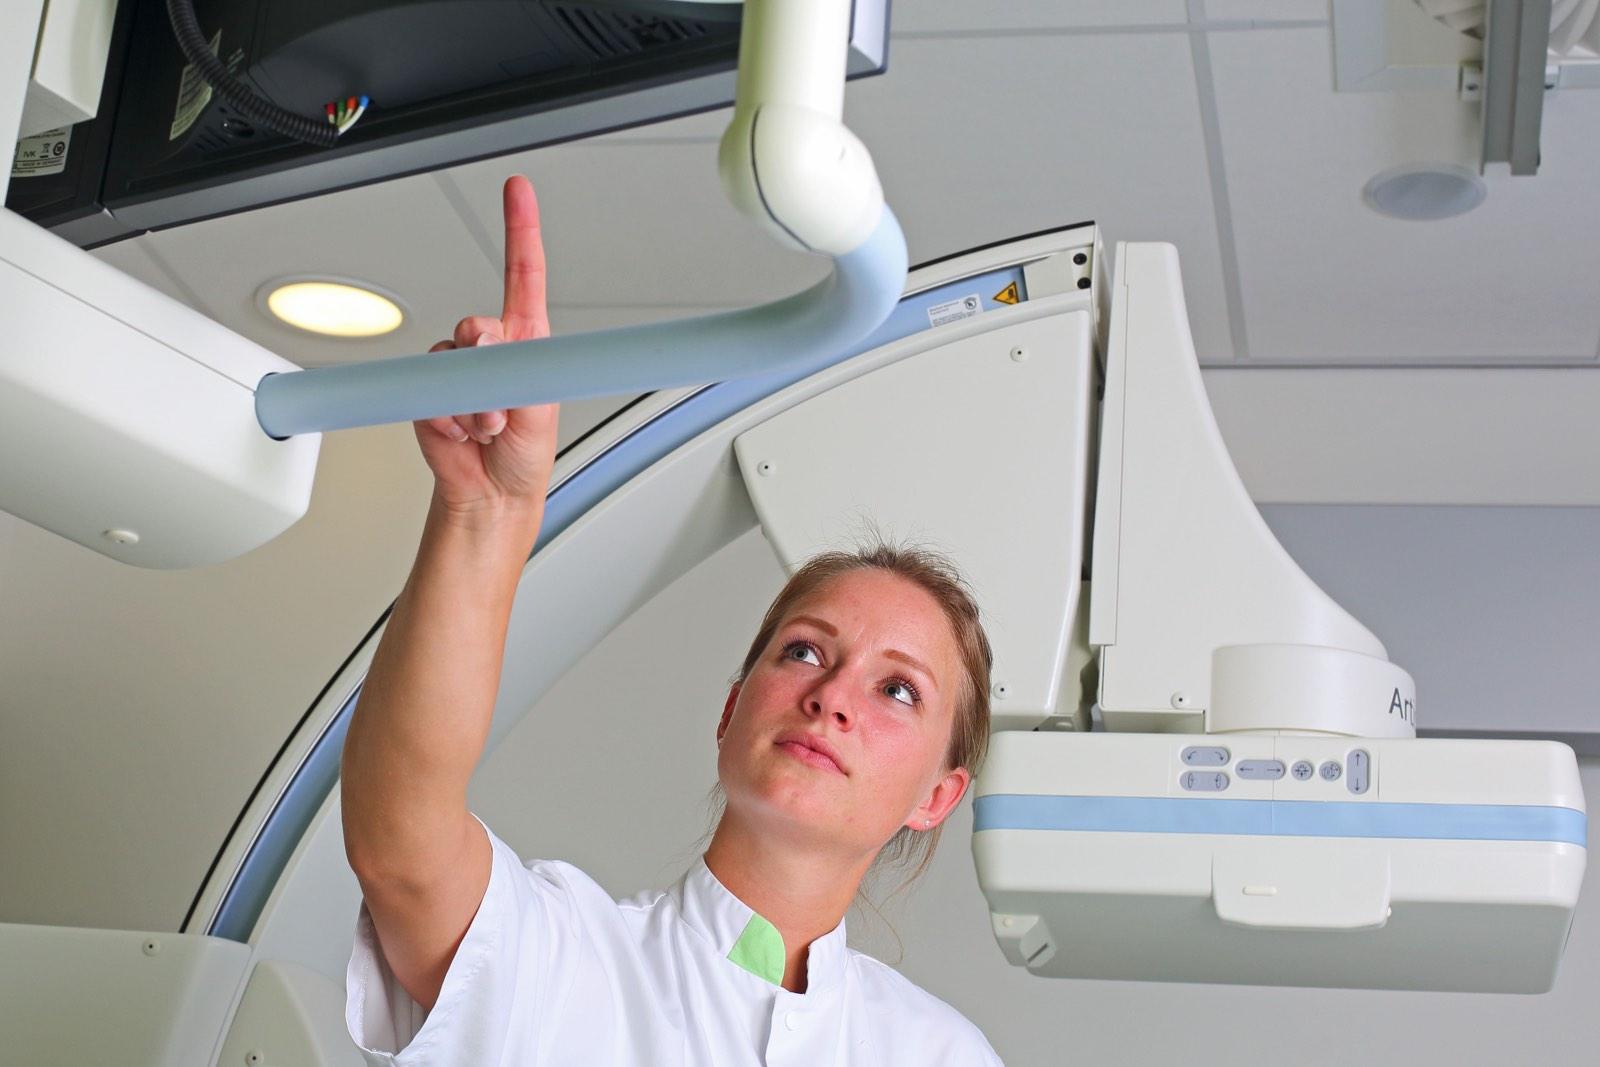 Verpleegster in ziekenhuis bij apparaat door Wilmar Dik